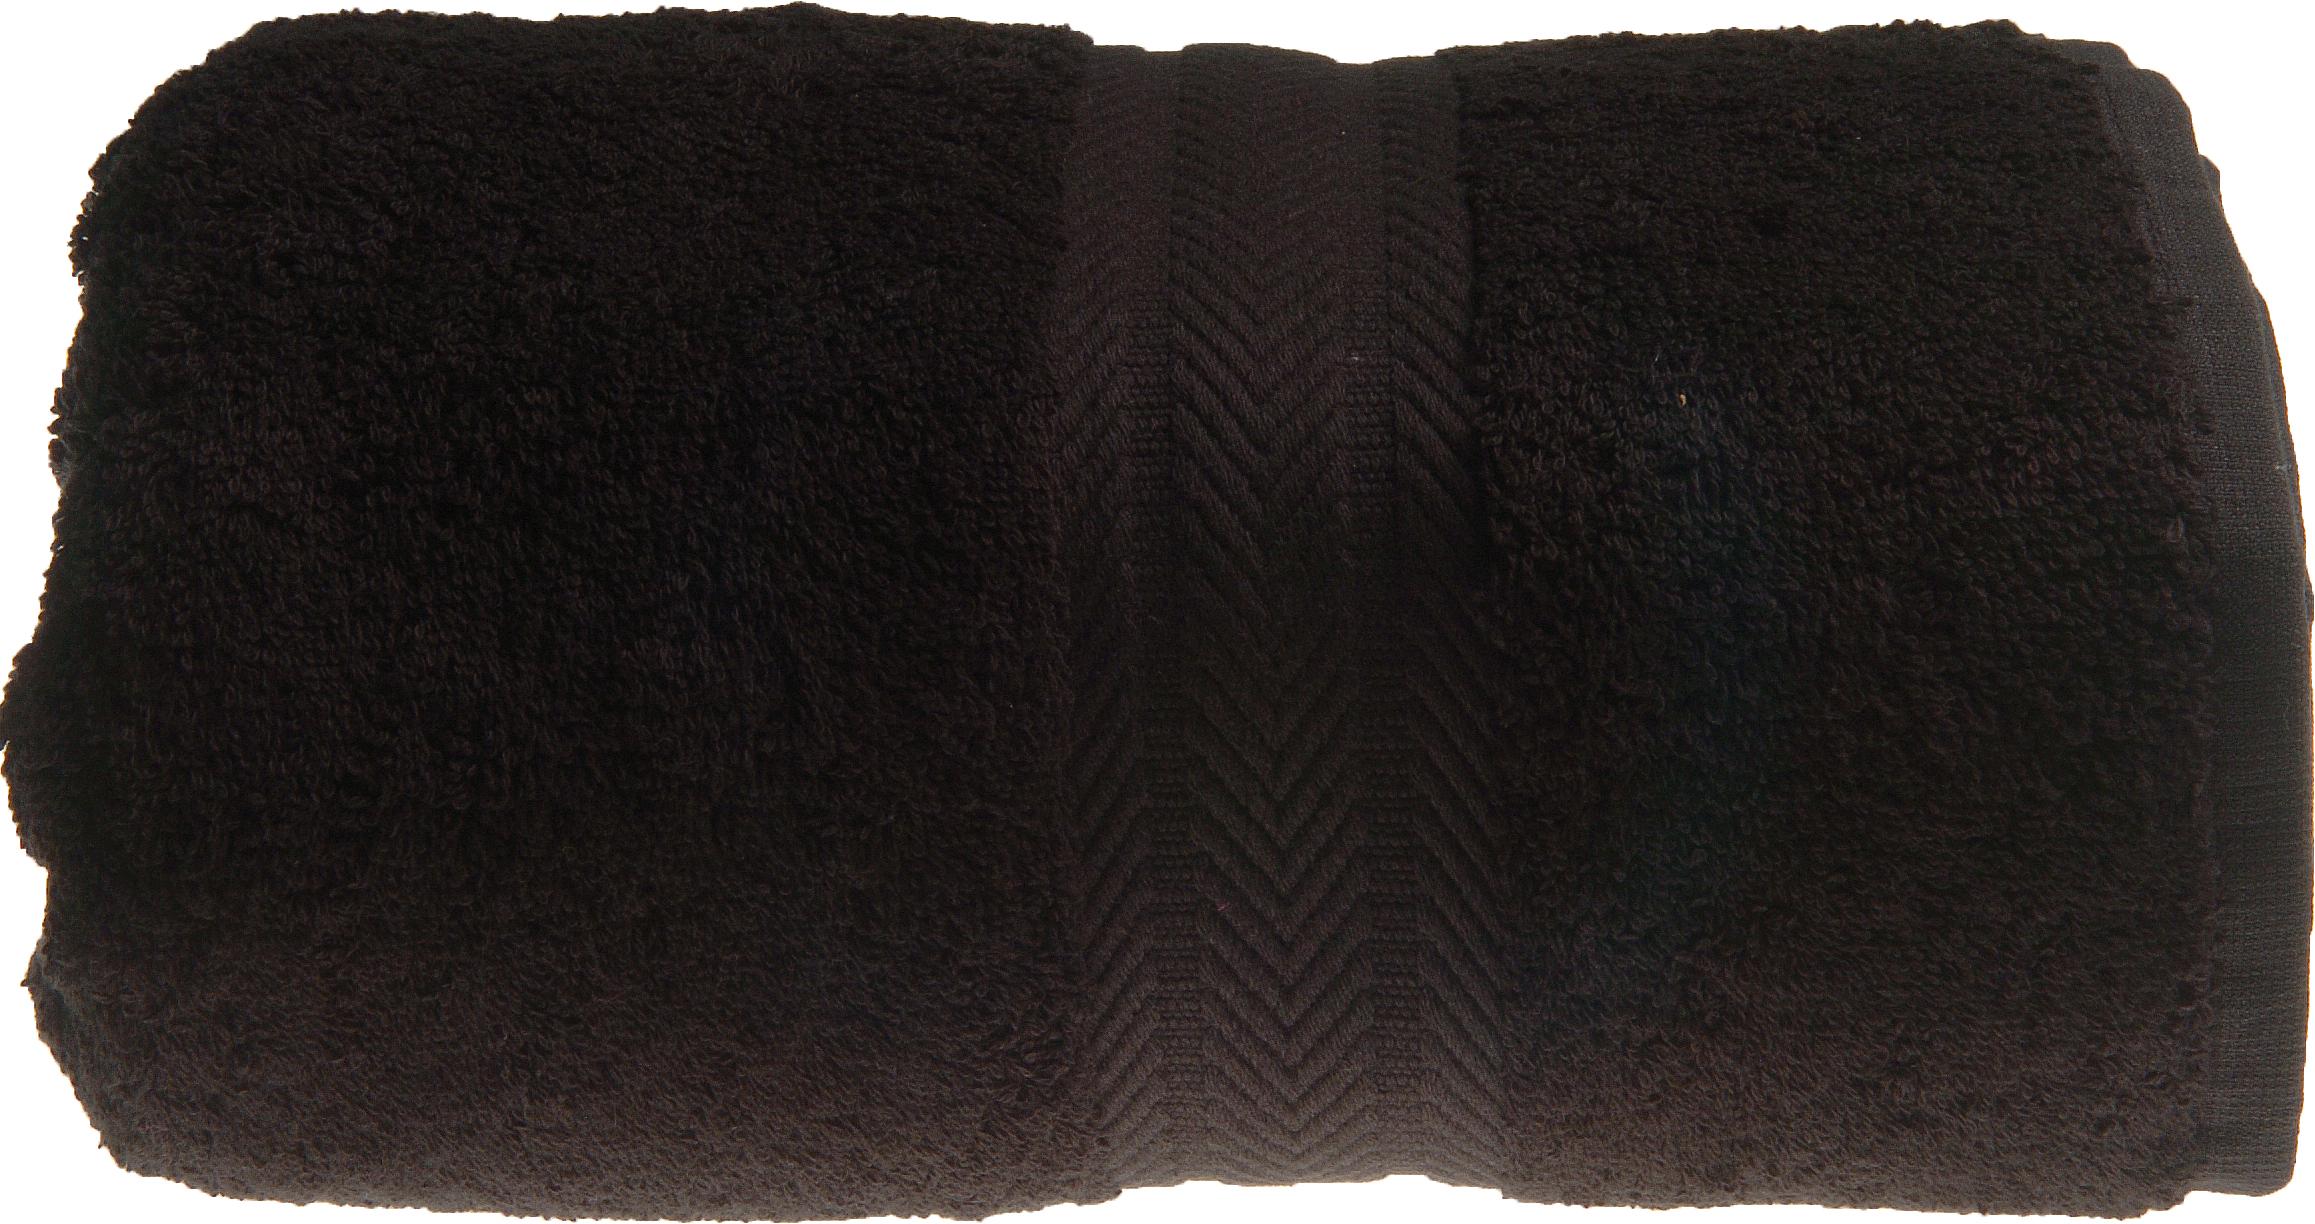 Serviette invitée 30 x 50 cm en Coton couleur Noir (Noir)